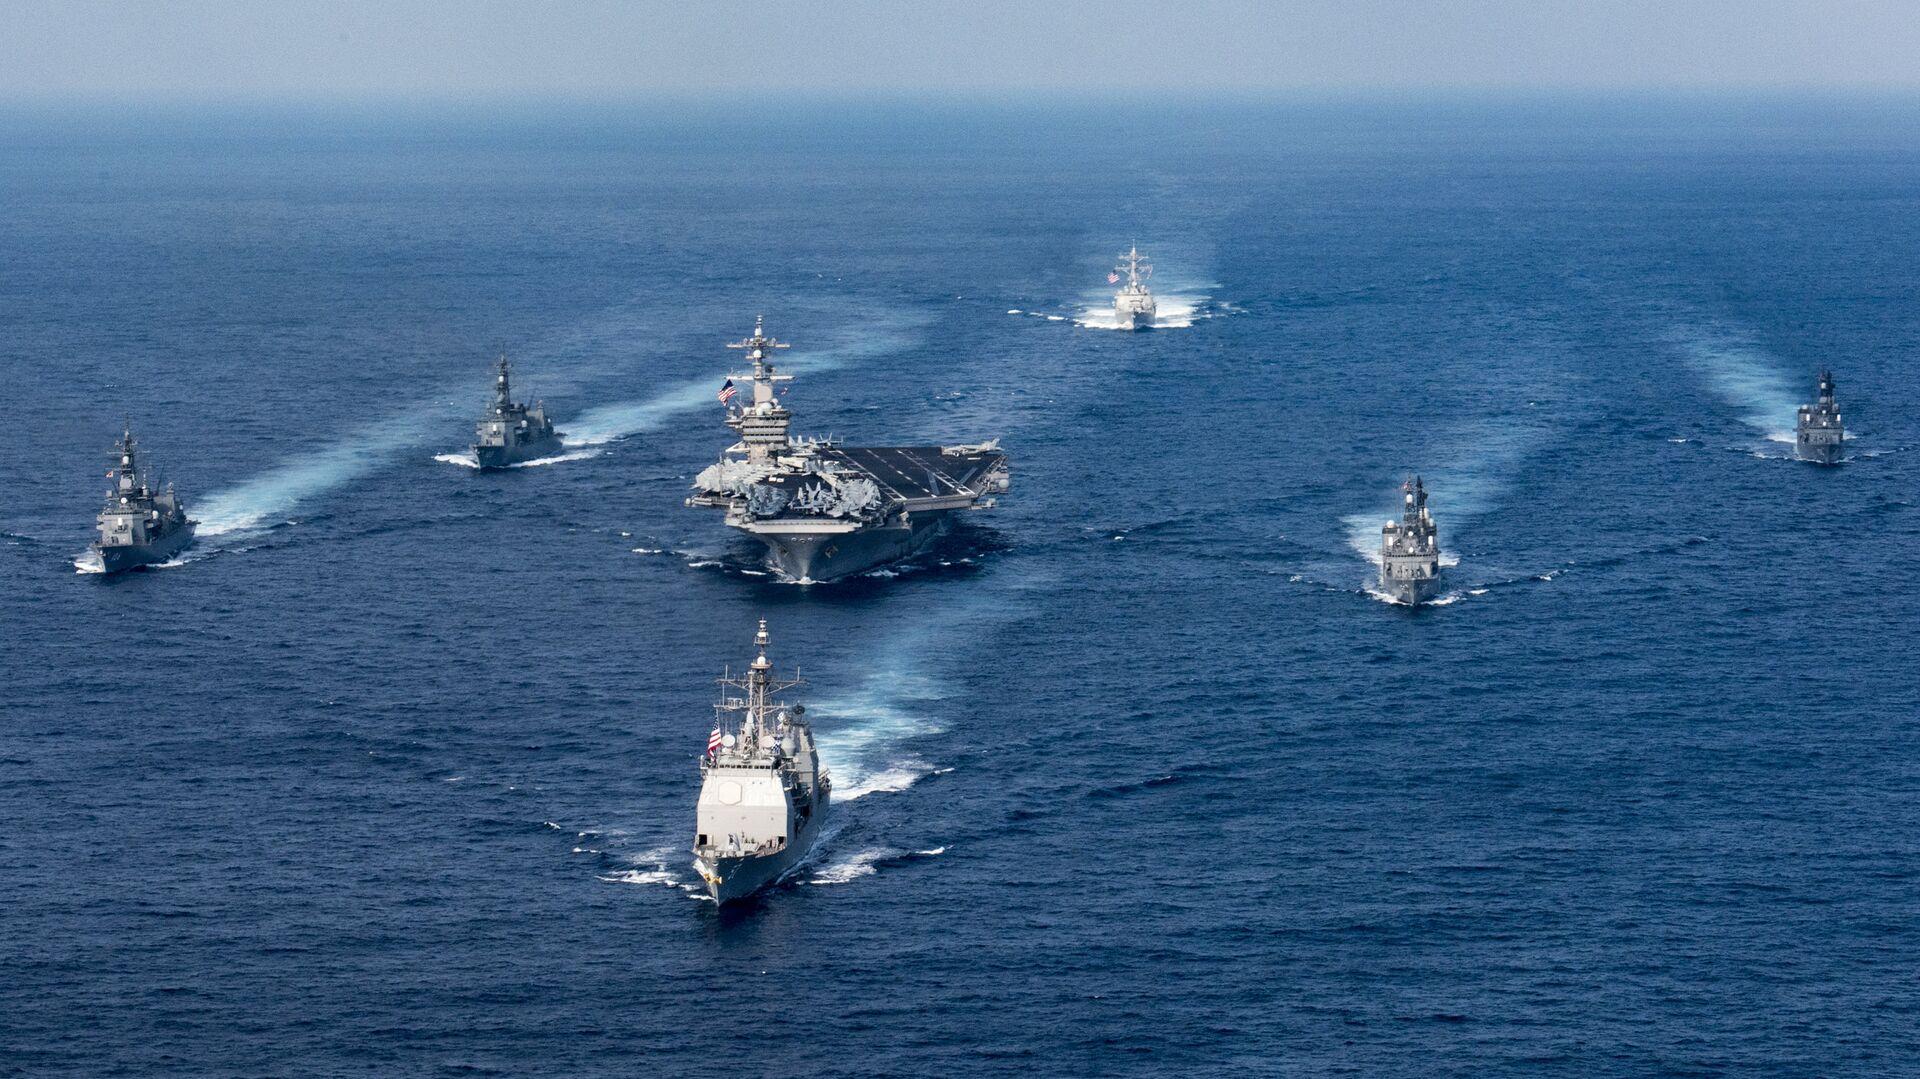 Ударная авианосная группировка ВМС США во главе с авианосцем Карл Винсон. 31 марта 2017 - РИА Новости, 1920, 18.01.2021